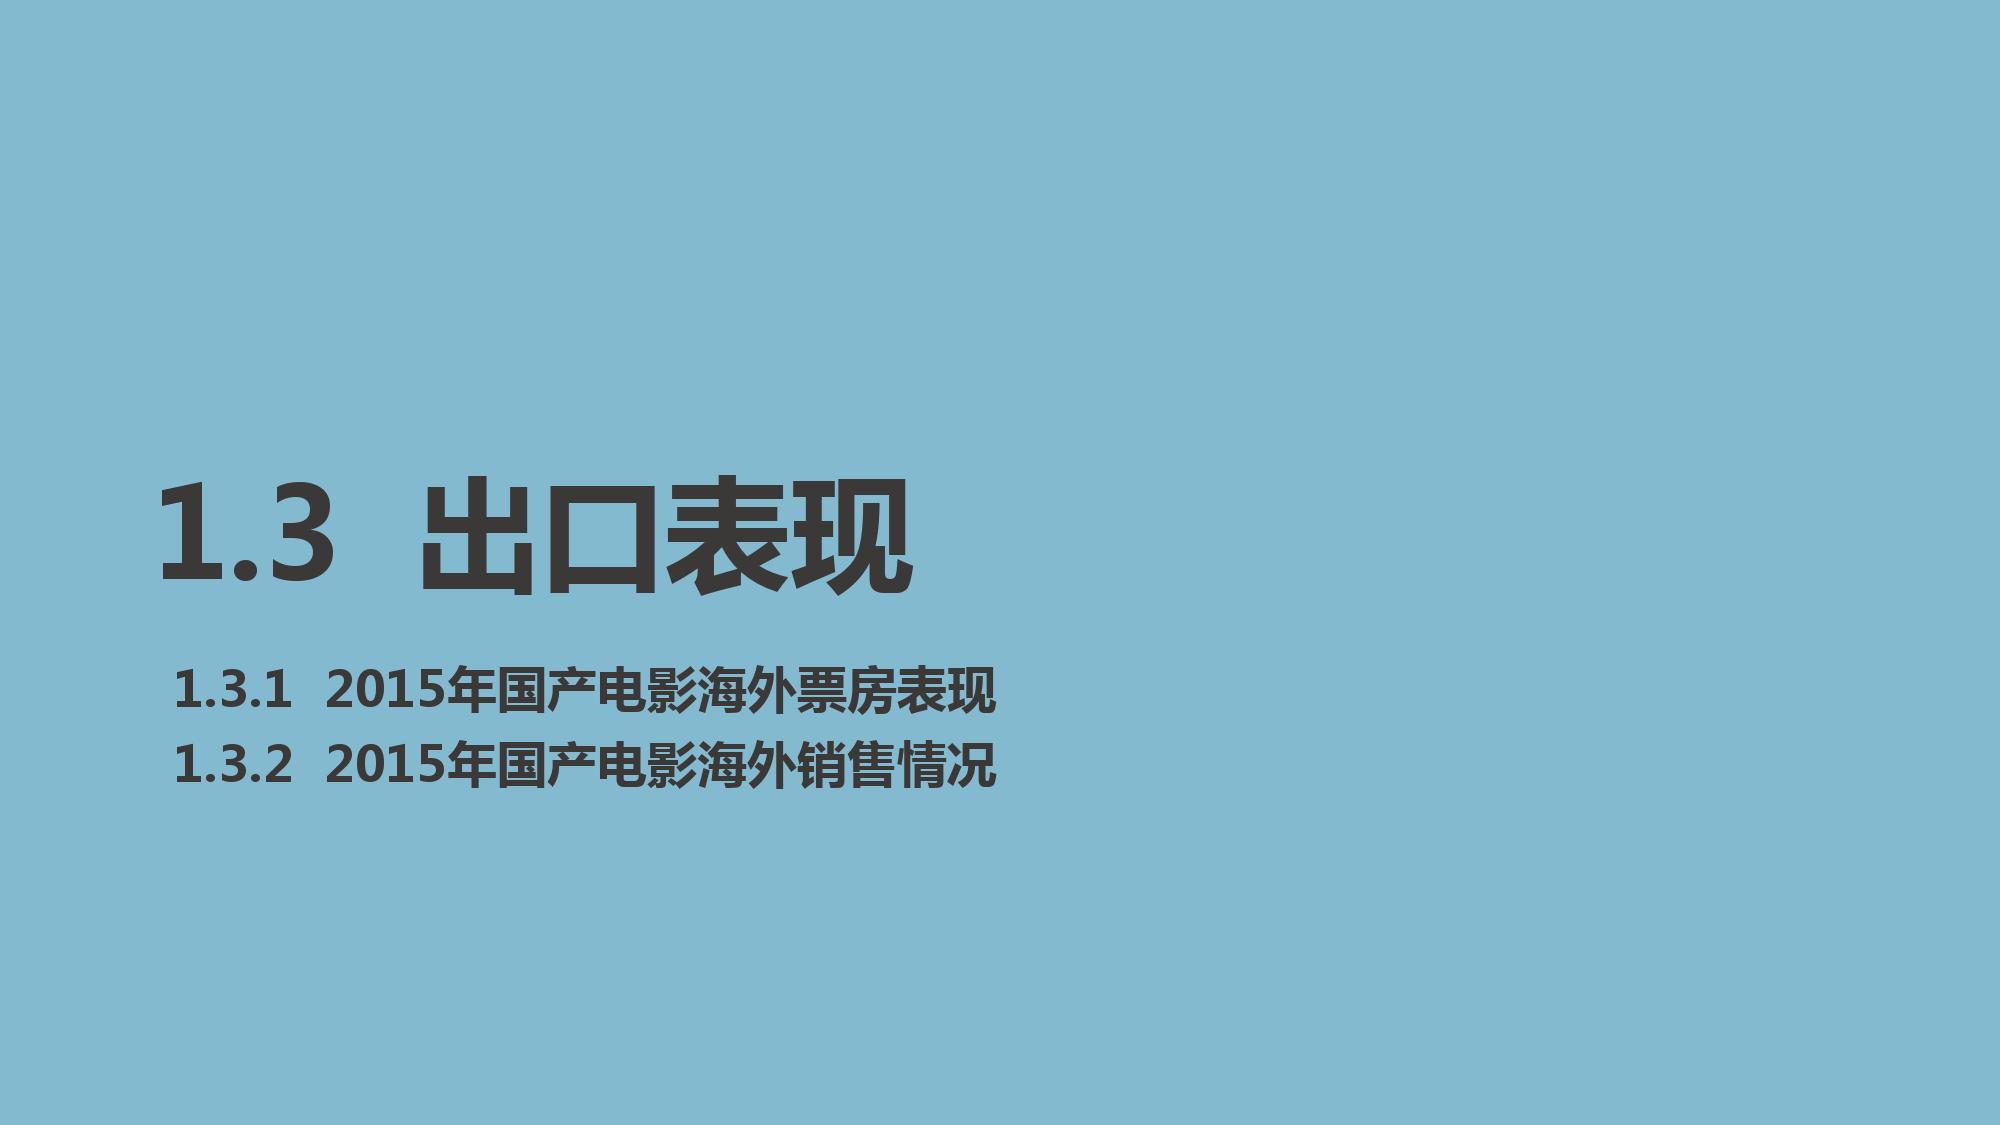 2015年度中国电影产业报告_000022